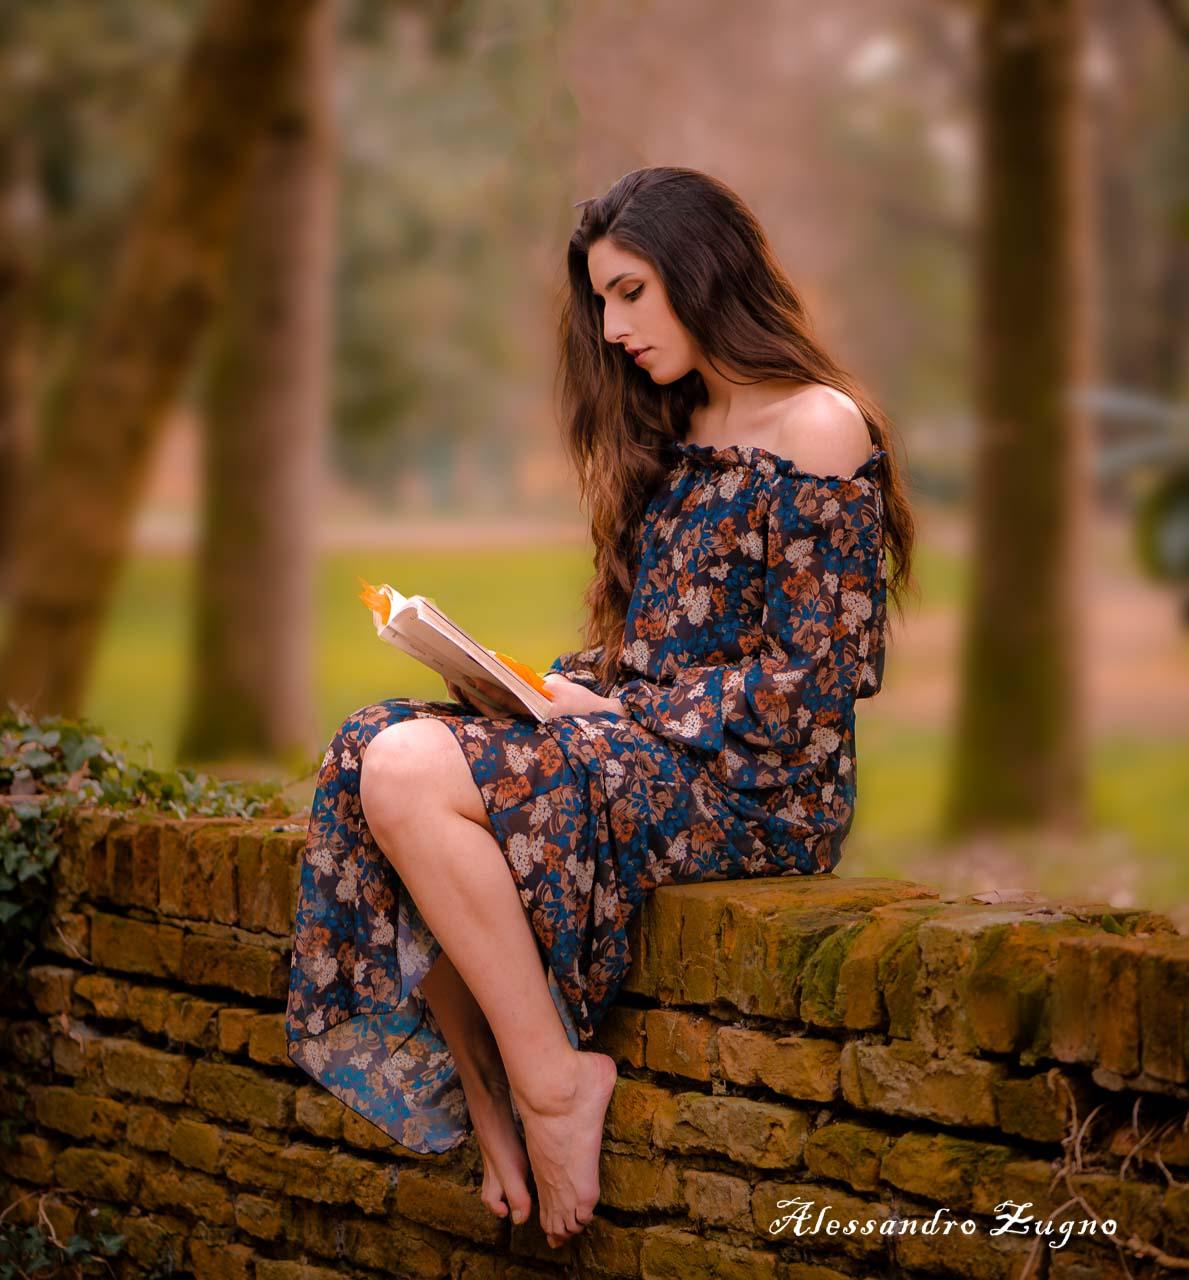 shooting fotografico con modella in un aprco durante l'autunno